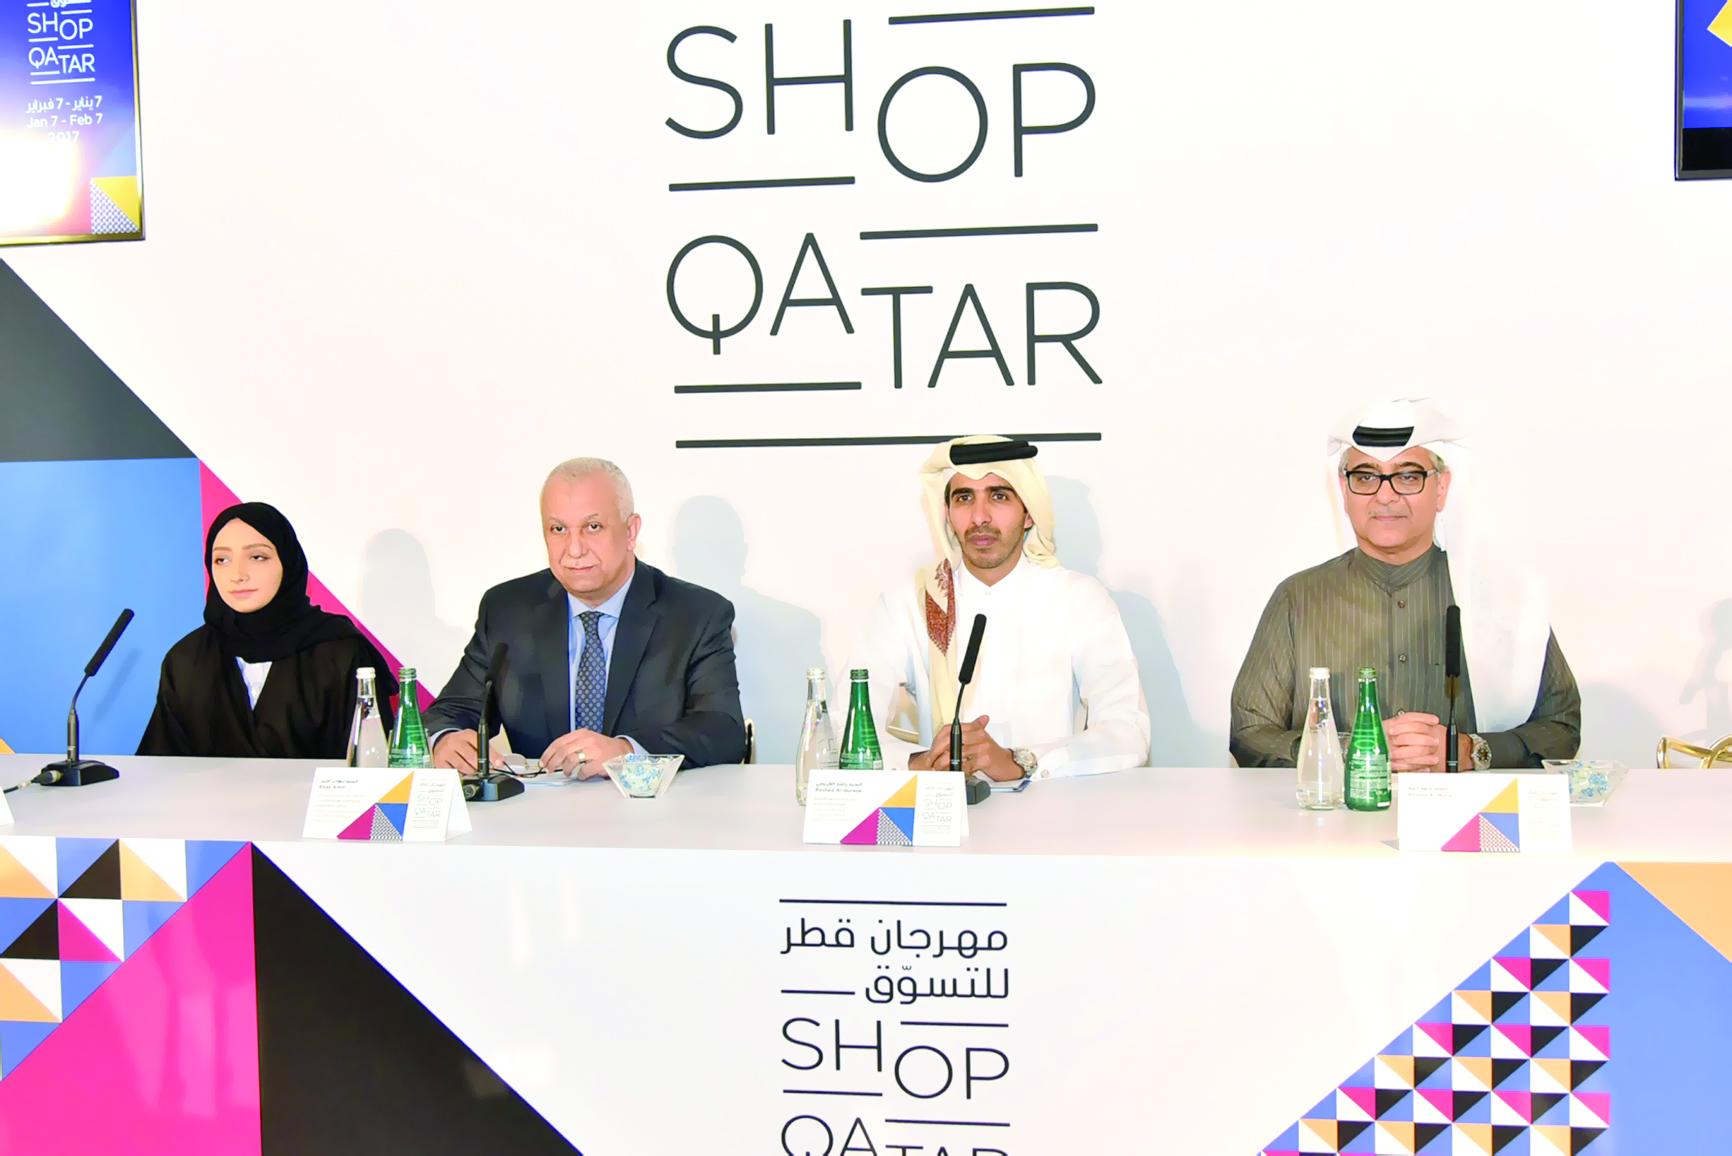 مهرجان قطر للتسوق ينطلق يناير المقبلتحت شعار «الأصالة بأسلوب عصري»